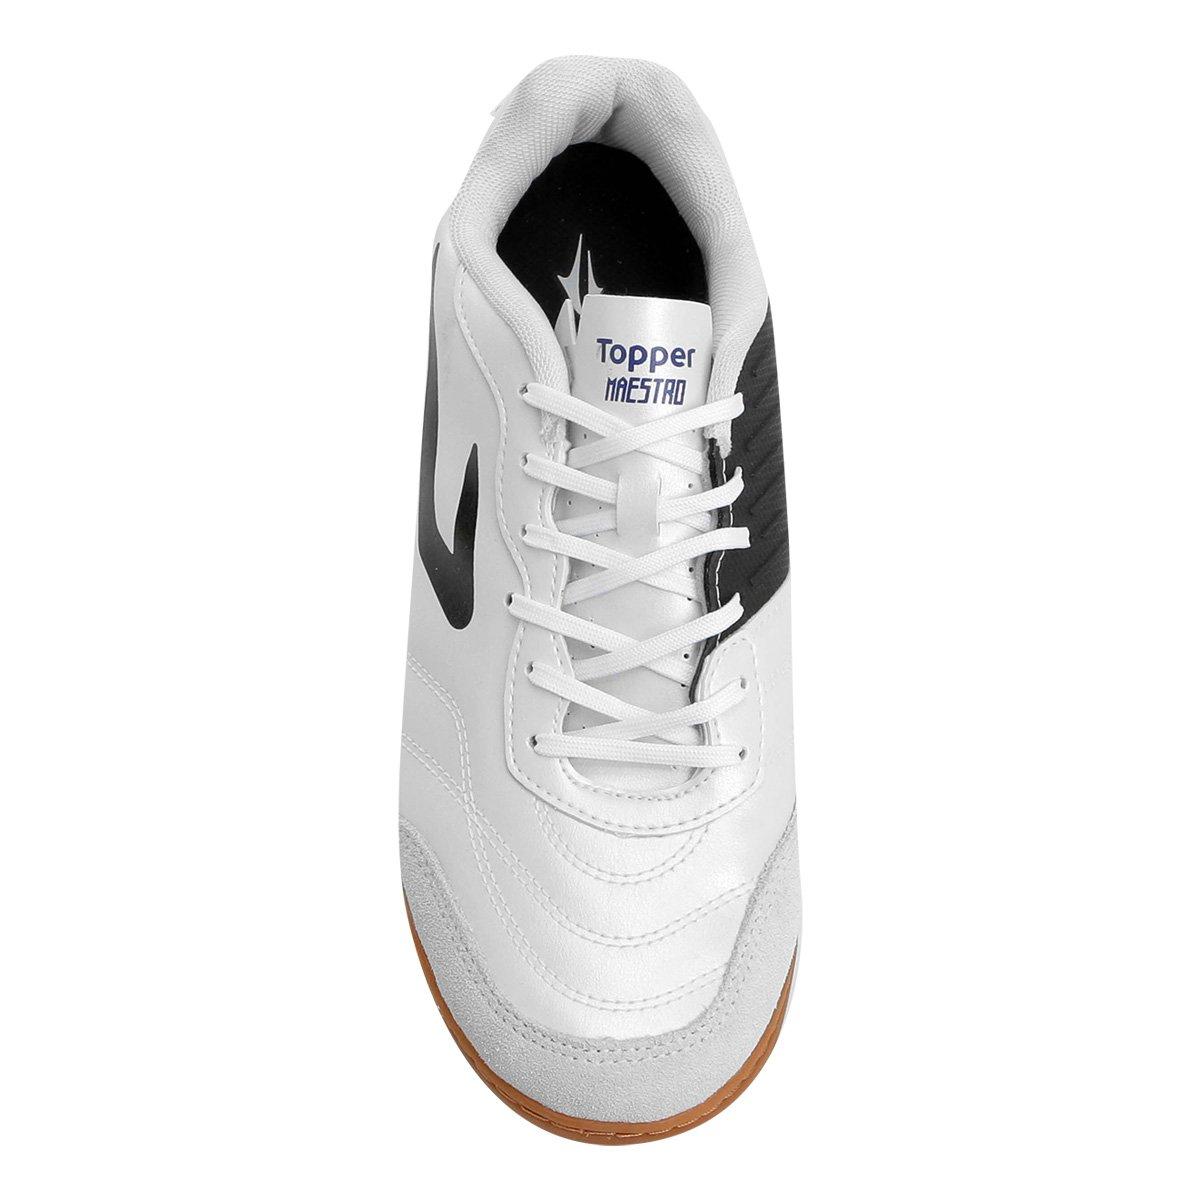 Chuteira Futsal Topper Maestro TD - Compre Agora  ff367686a74e3